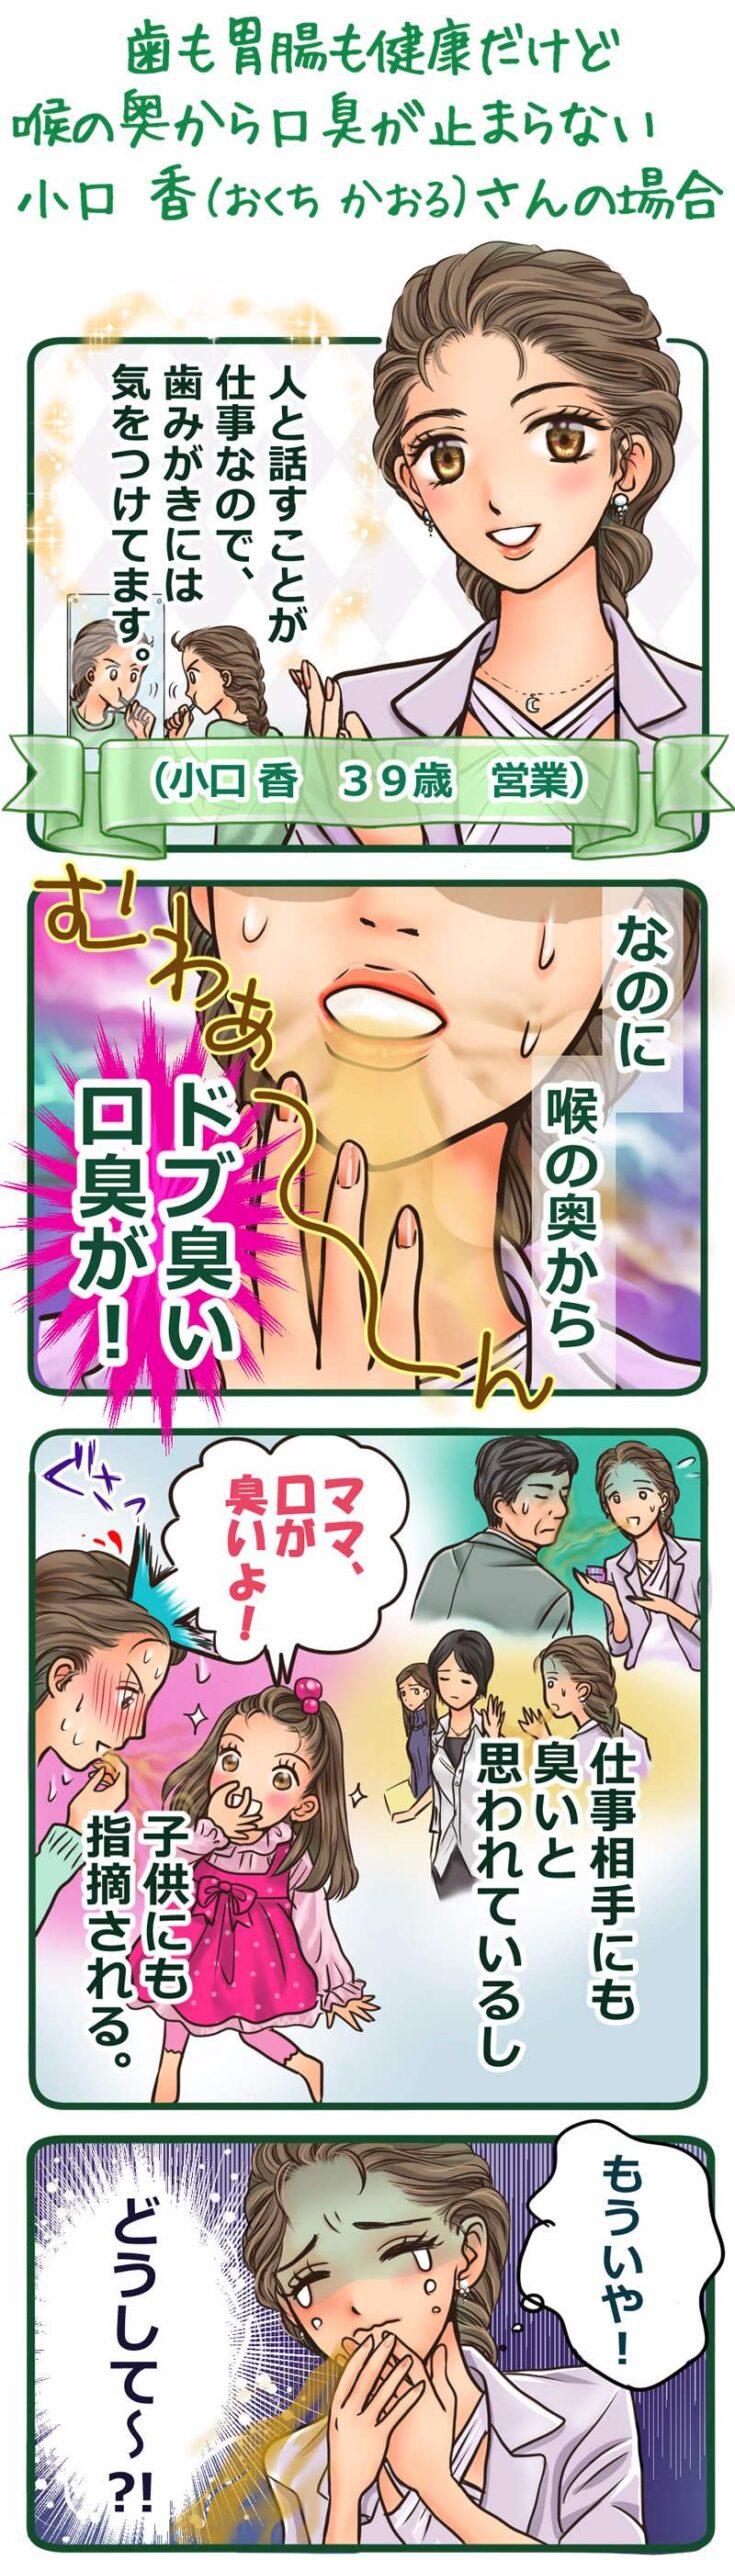 小口香の口臭